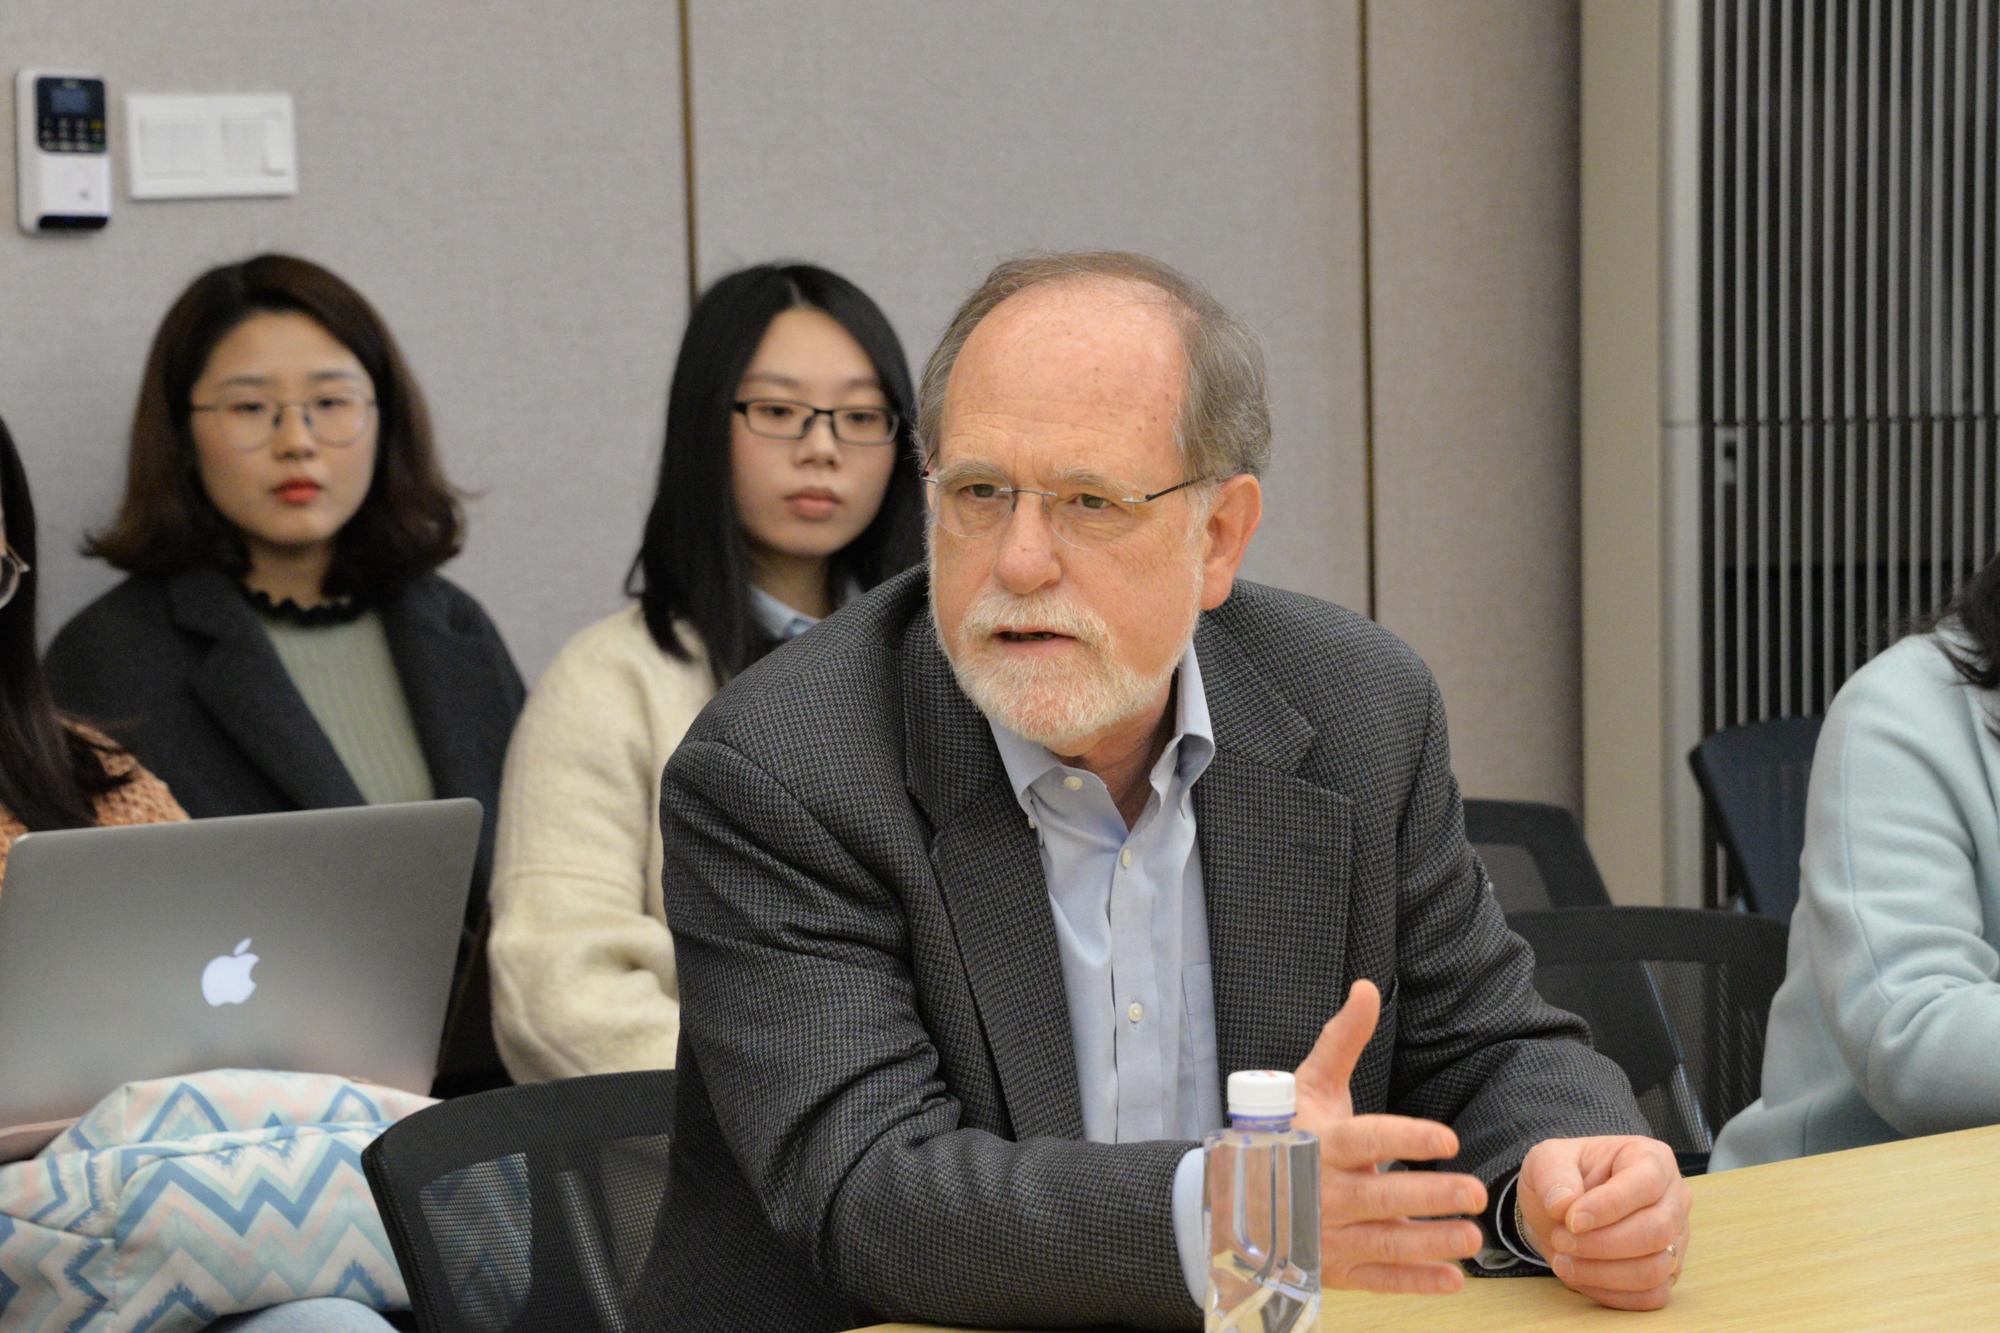 把学术优势转化为教学优势:华东师大教育学部打造国际学术周